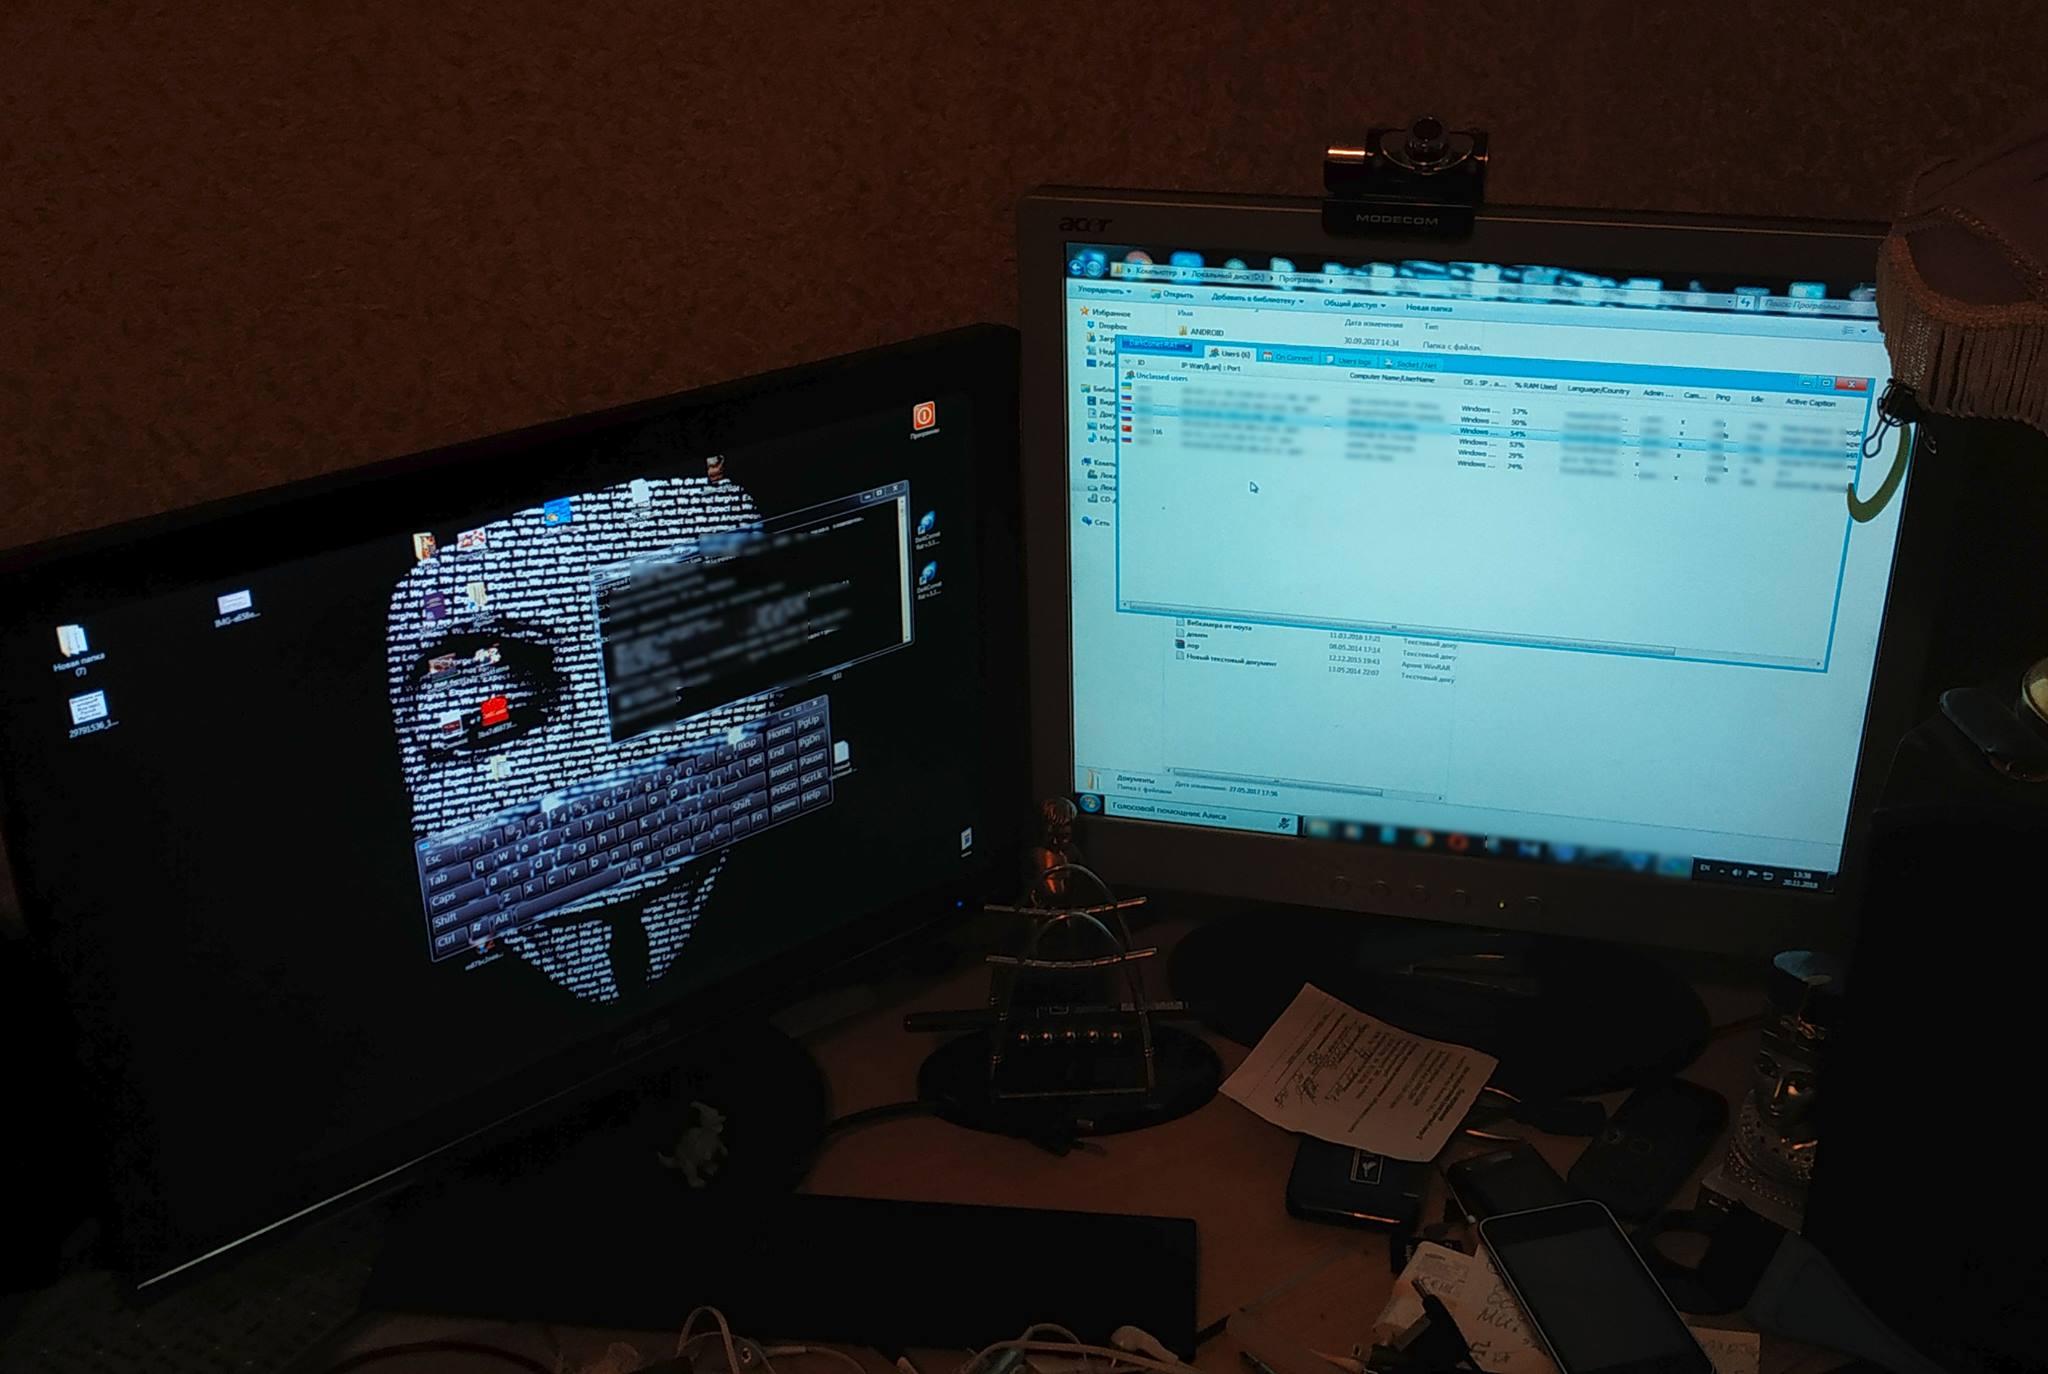 хакер взлом утечка мошенник злоумышленник вирус